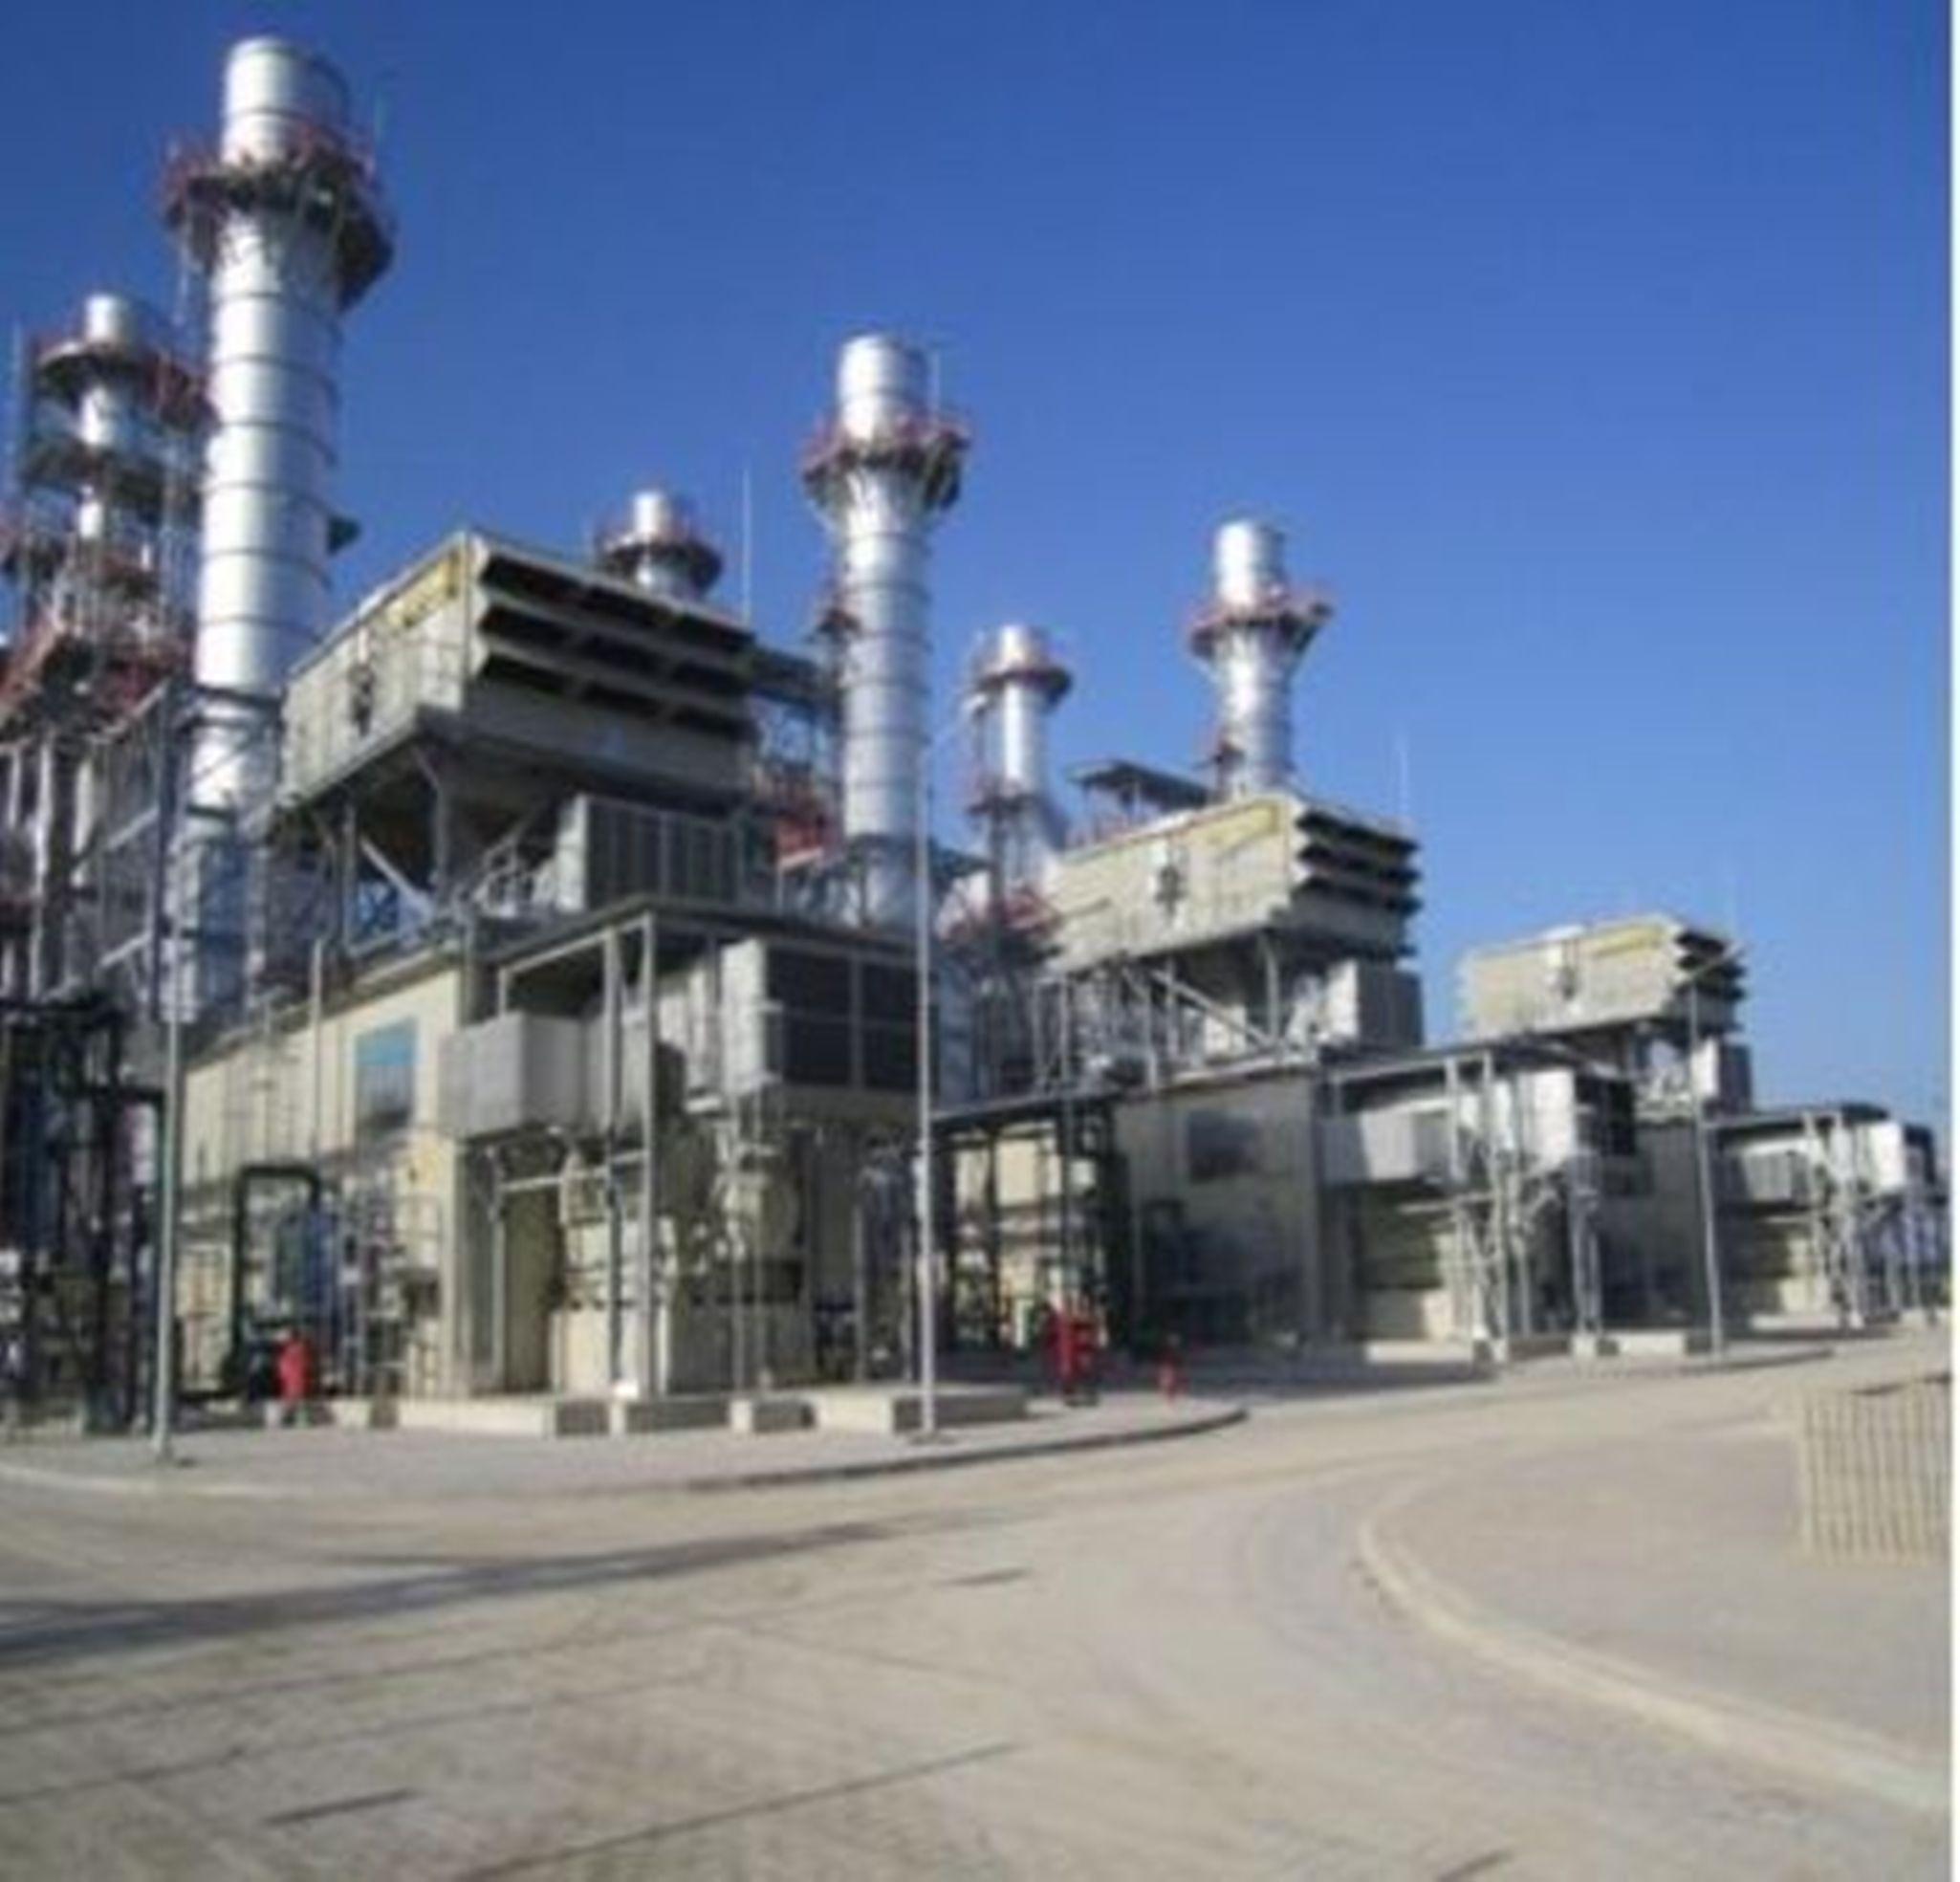 200 MW Siemens SGT-800 Gas Turbine Power Plant